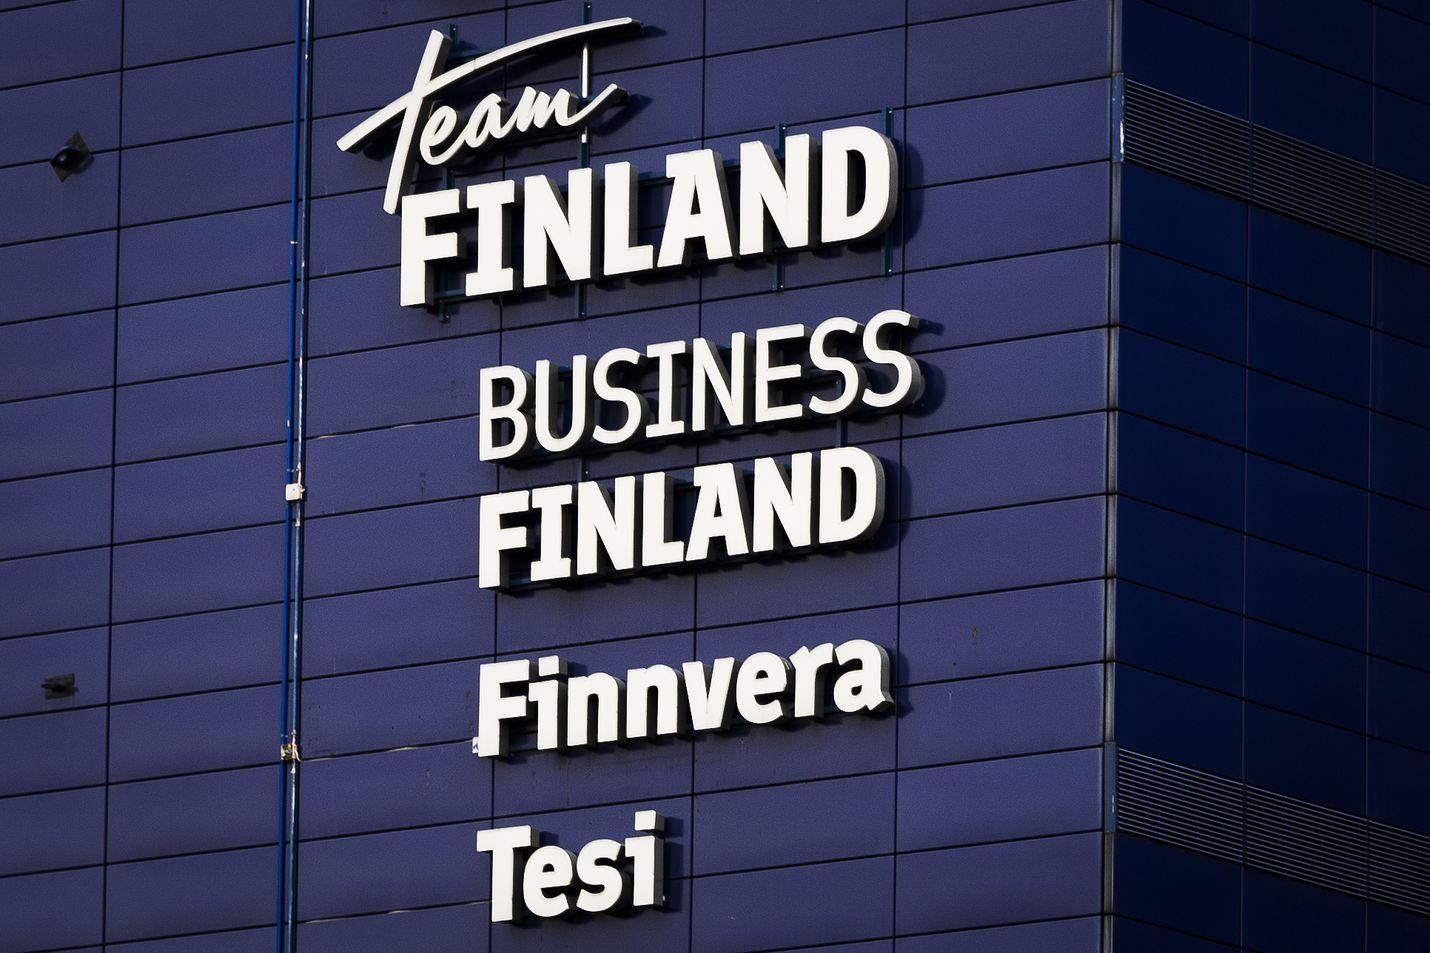 Hallitus valitsi Business Finlandin ja ely-keskukset koronakriisin alun jälkeen yritystukien jakokanaviksi. Niiden rahoitushaut päättyvät 8. kesäkuuta vain viikon varotusajalla. Yrityksillä, jotka aikoivat hakea tukia ely-keskuksilta tai Business Finlandilta, uhkaa loppua aika kesken.